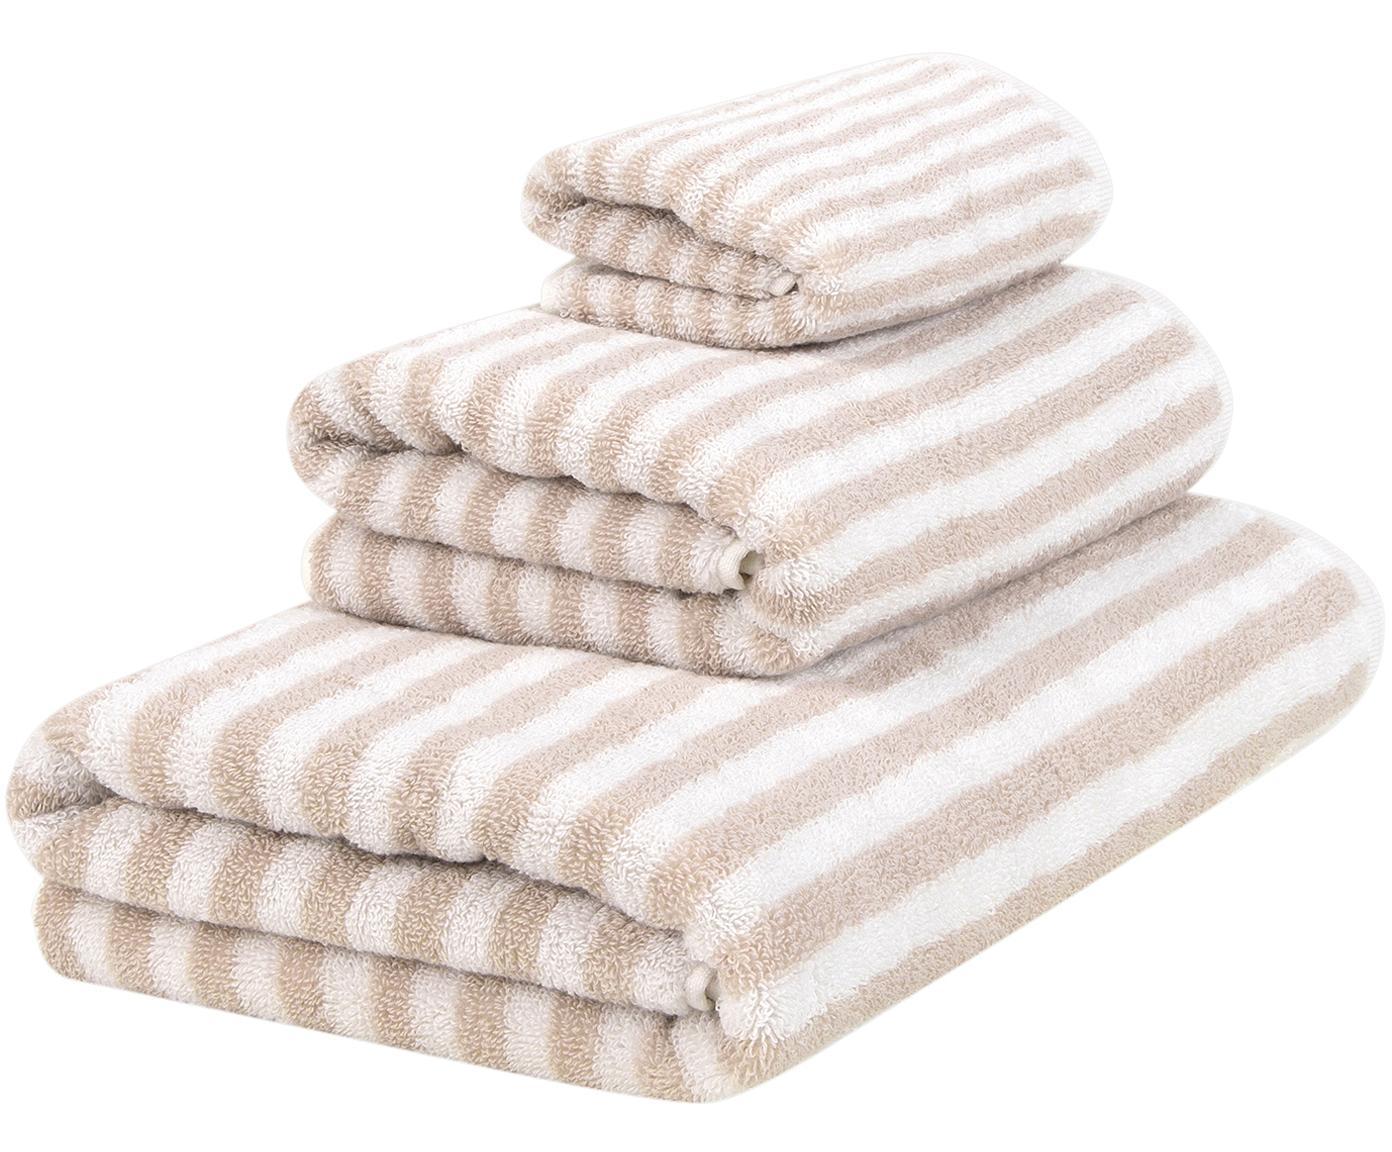 Komplet ręczników Viola, 3 elem., 100% bawełna Średnia gramatura 550 g/m², Odcienie piaskowego, kremowobiały, Różne rozmiary